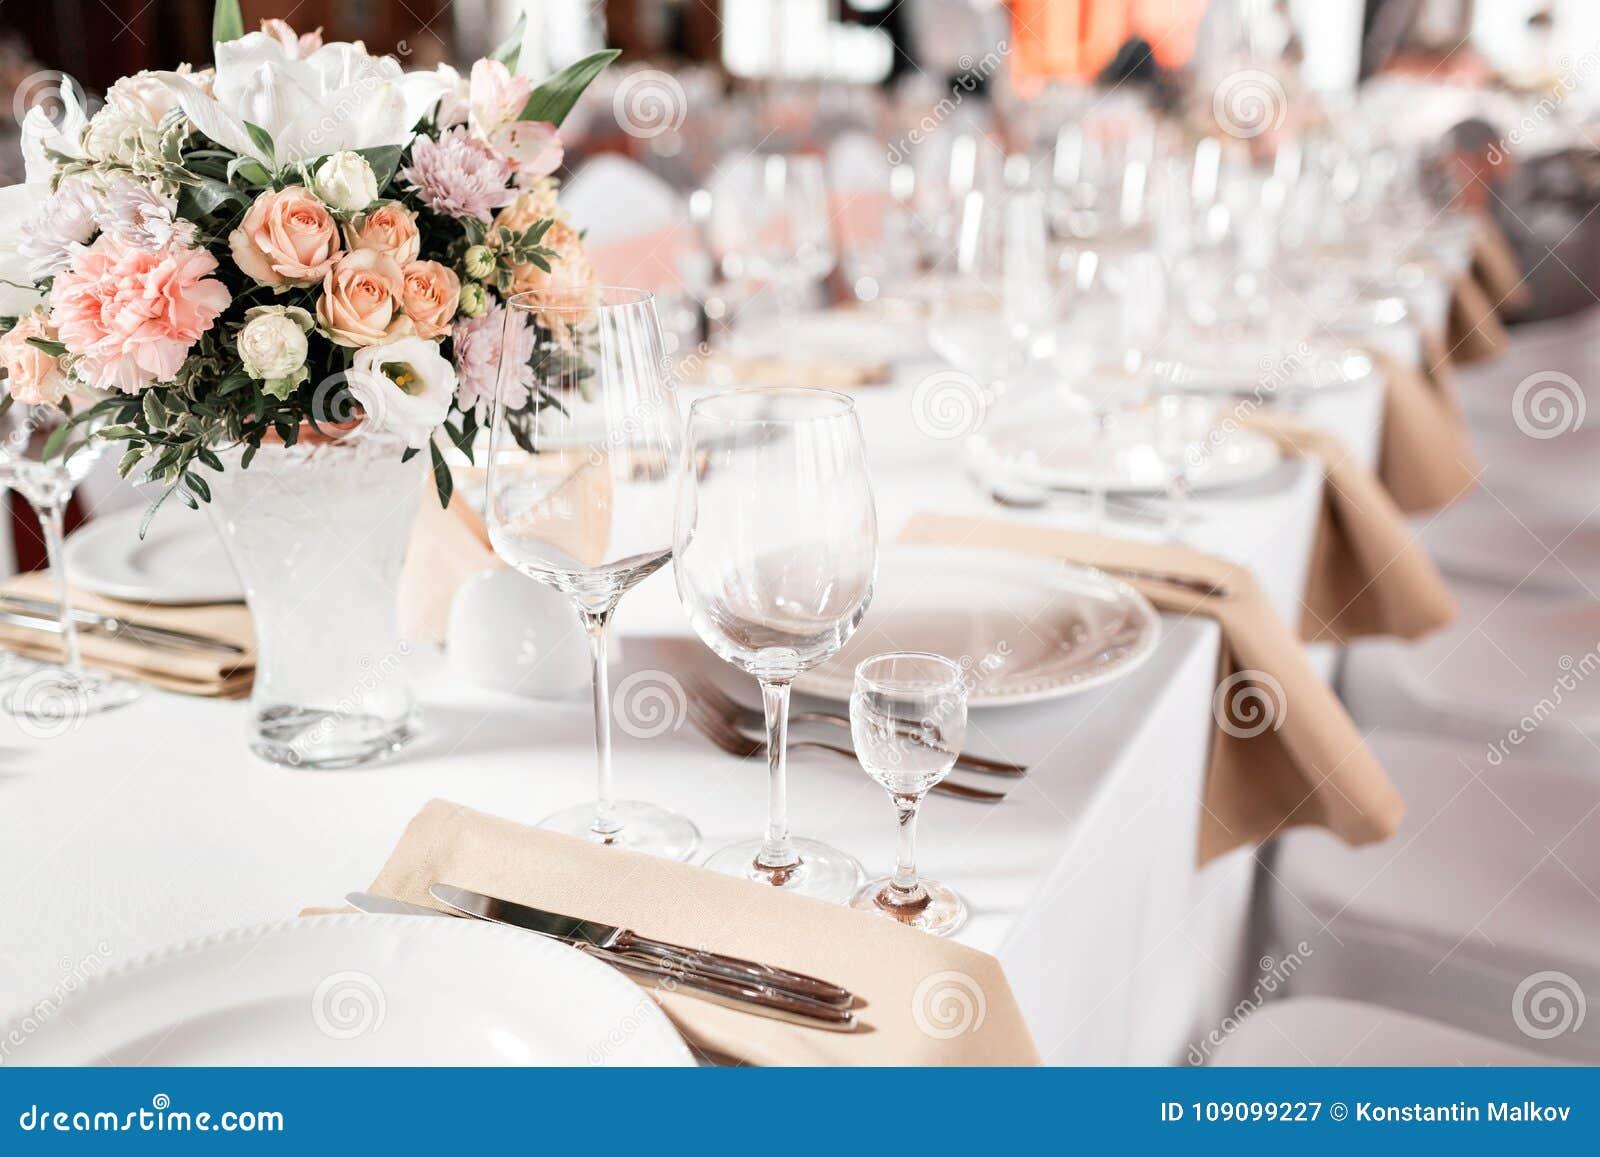 Πίνακες που τίθενται για ένα κόμμα ή μια δεξίωση γάμου γεγονότος Κομψό επιτραπέζιο θέτοντας γεύμα πολυτέλειας σε ένα εστιατόριο Γ